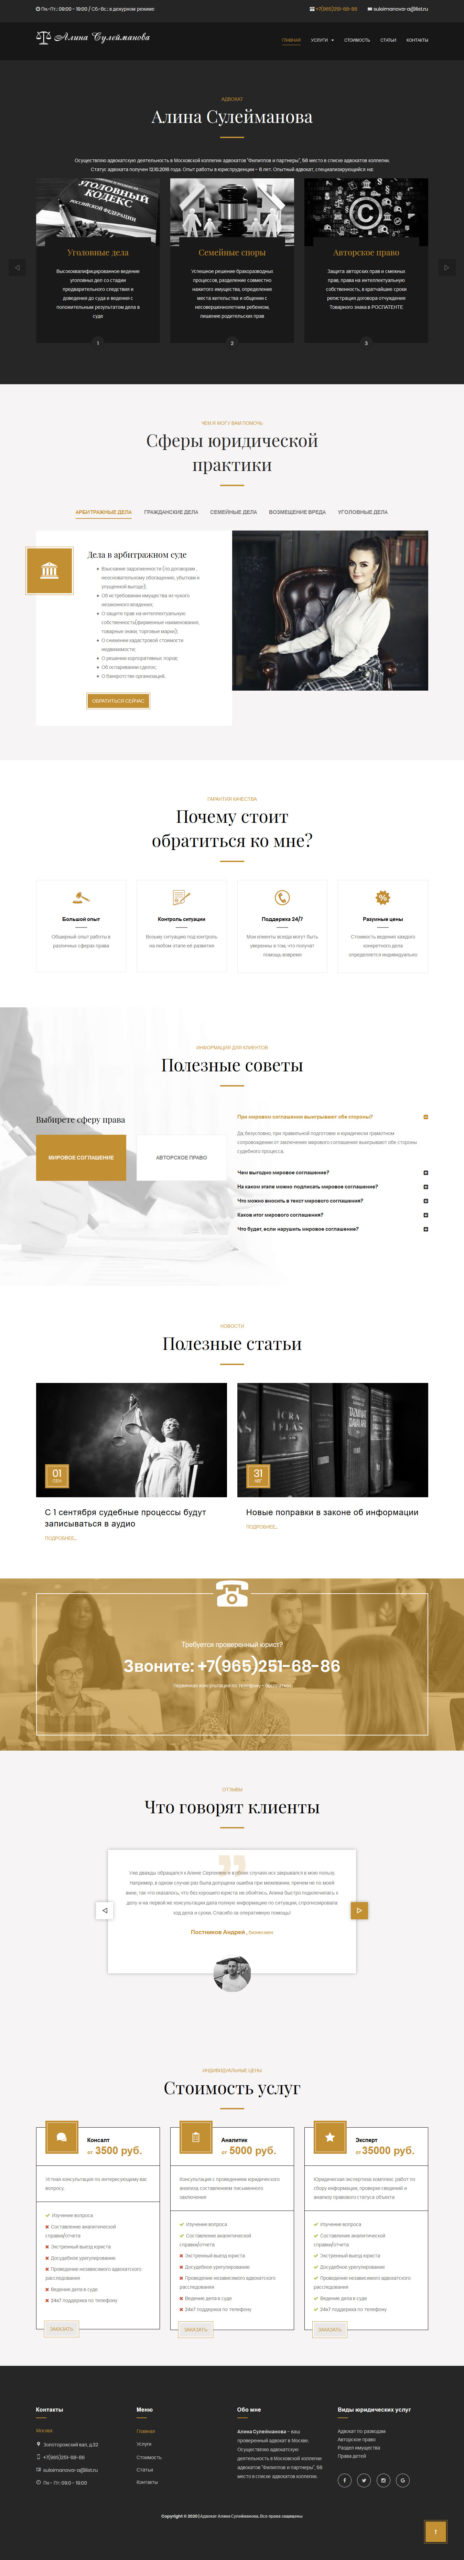 Сайт адвоката Алины Сулеймановой